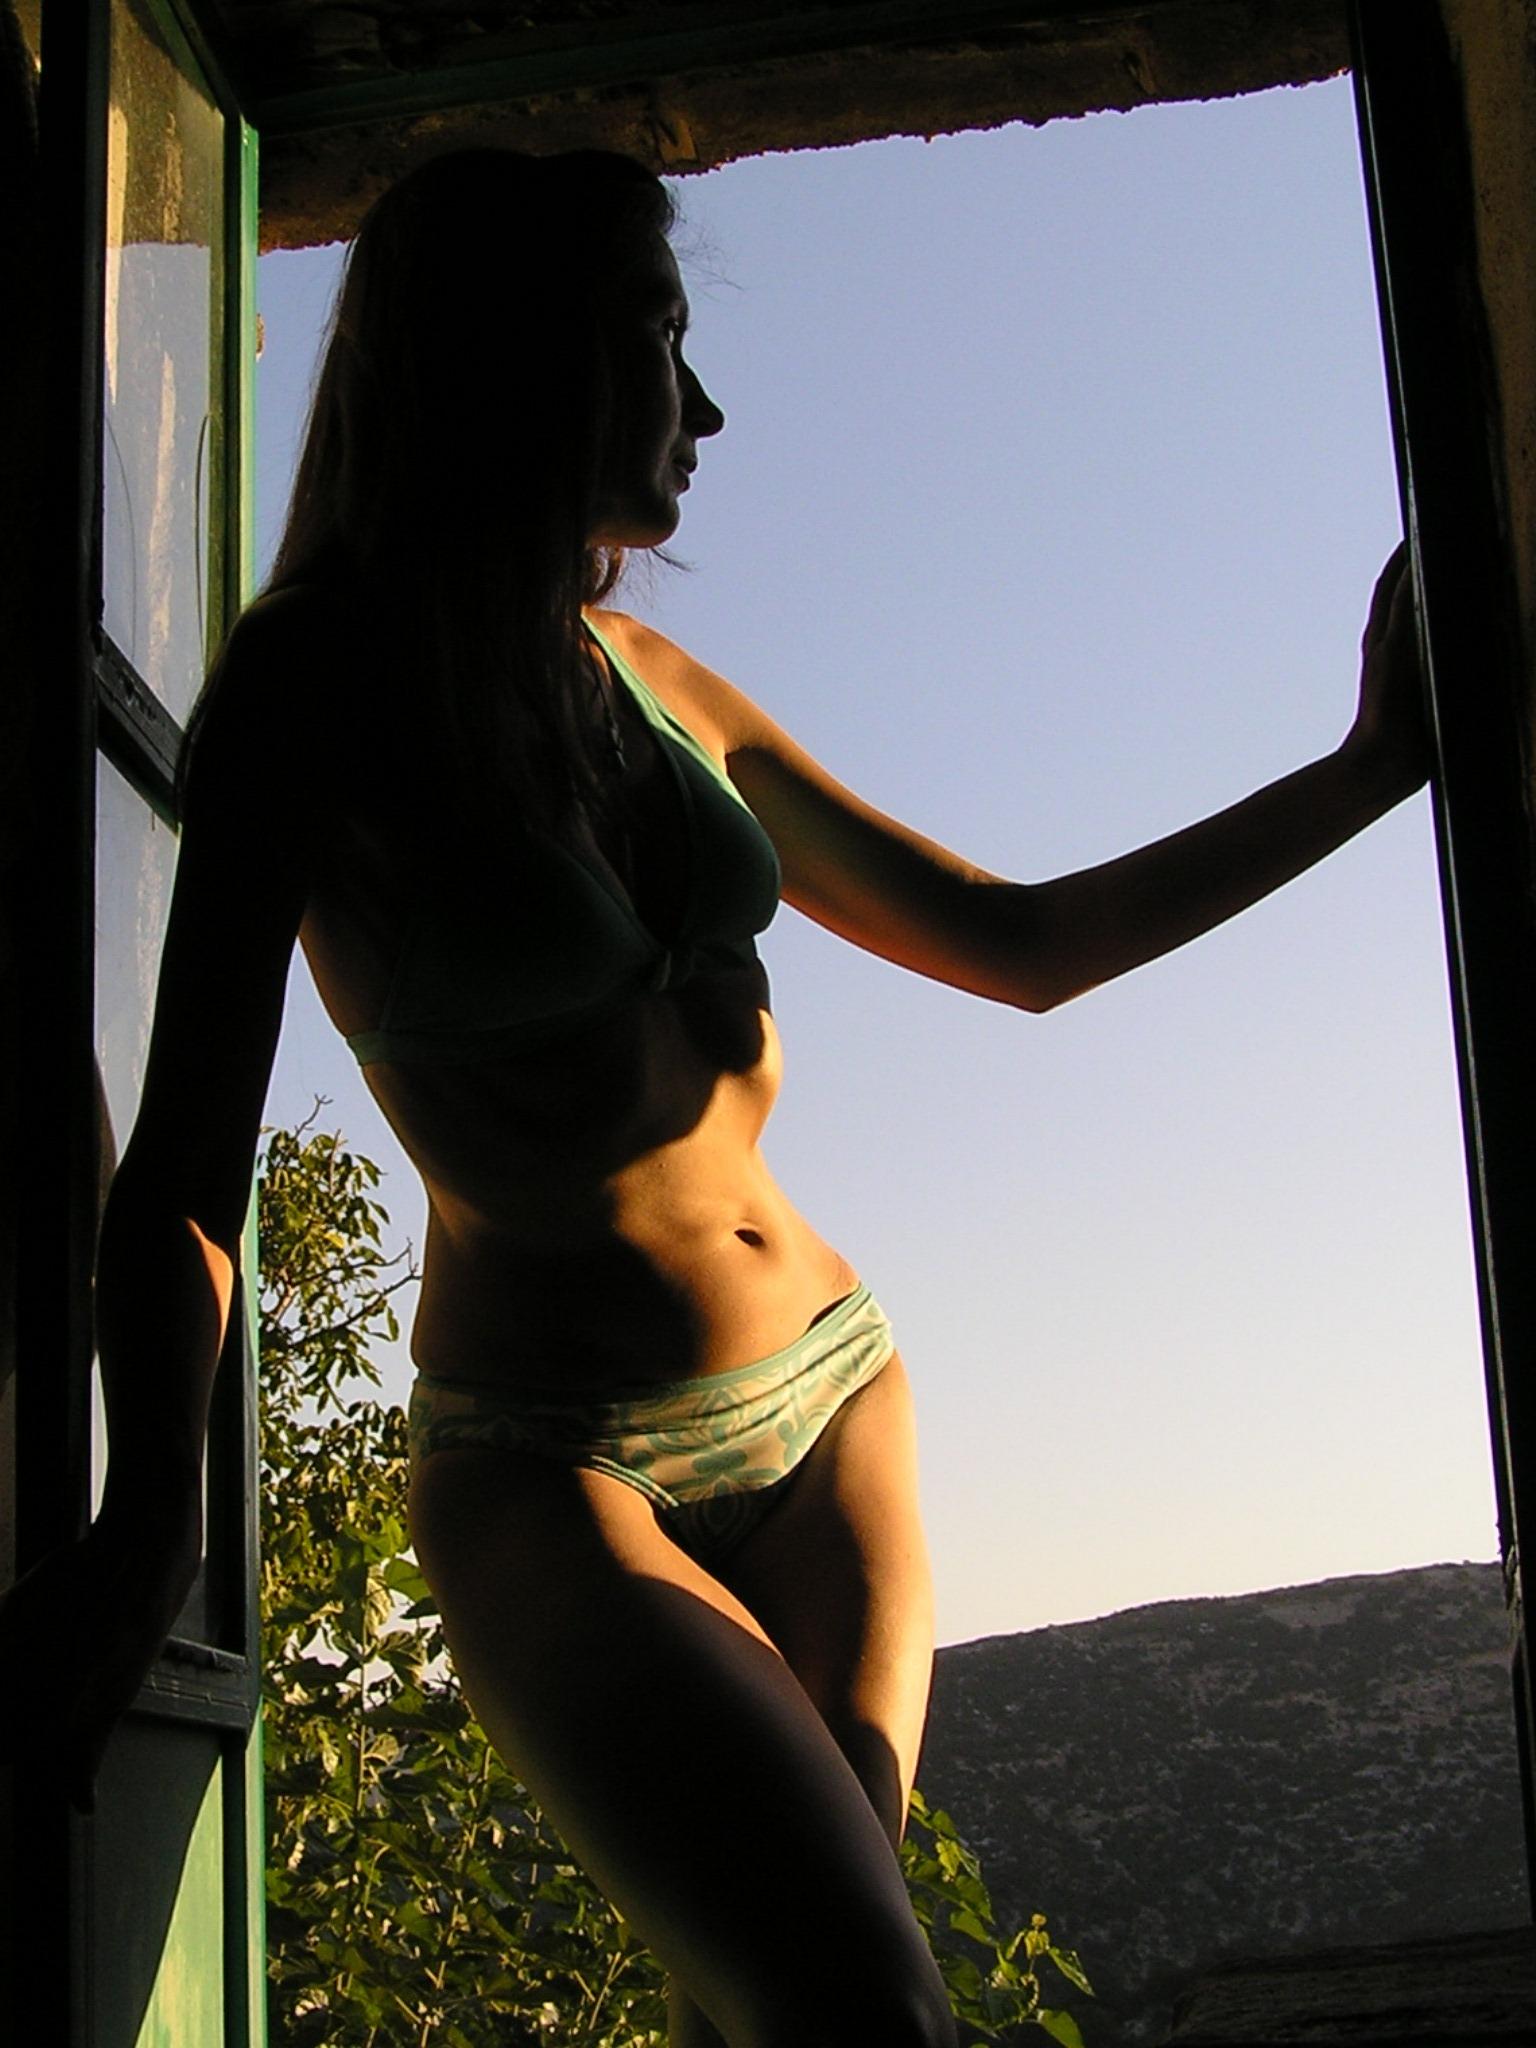 czarne dziewczyny rozpowszechniają zdjęcia heban strona internetowa porno